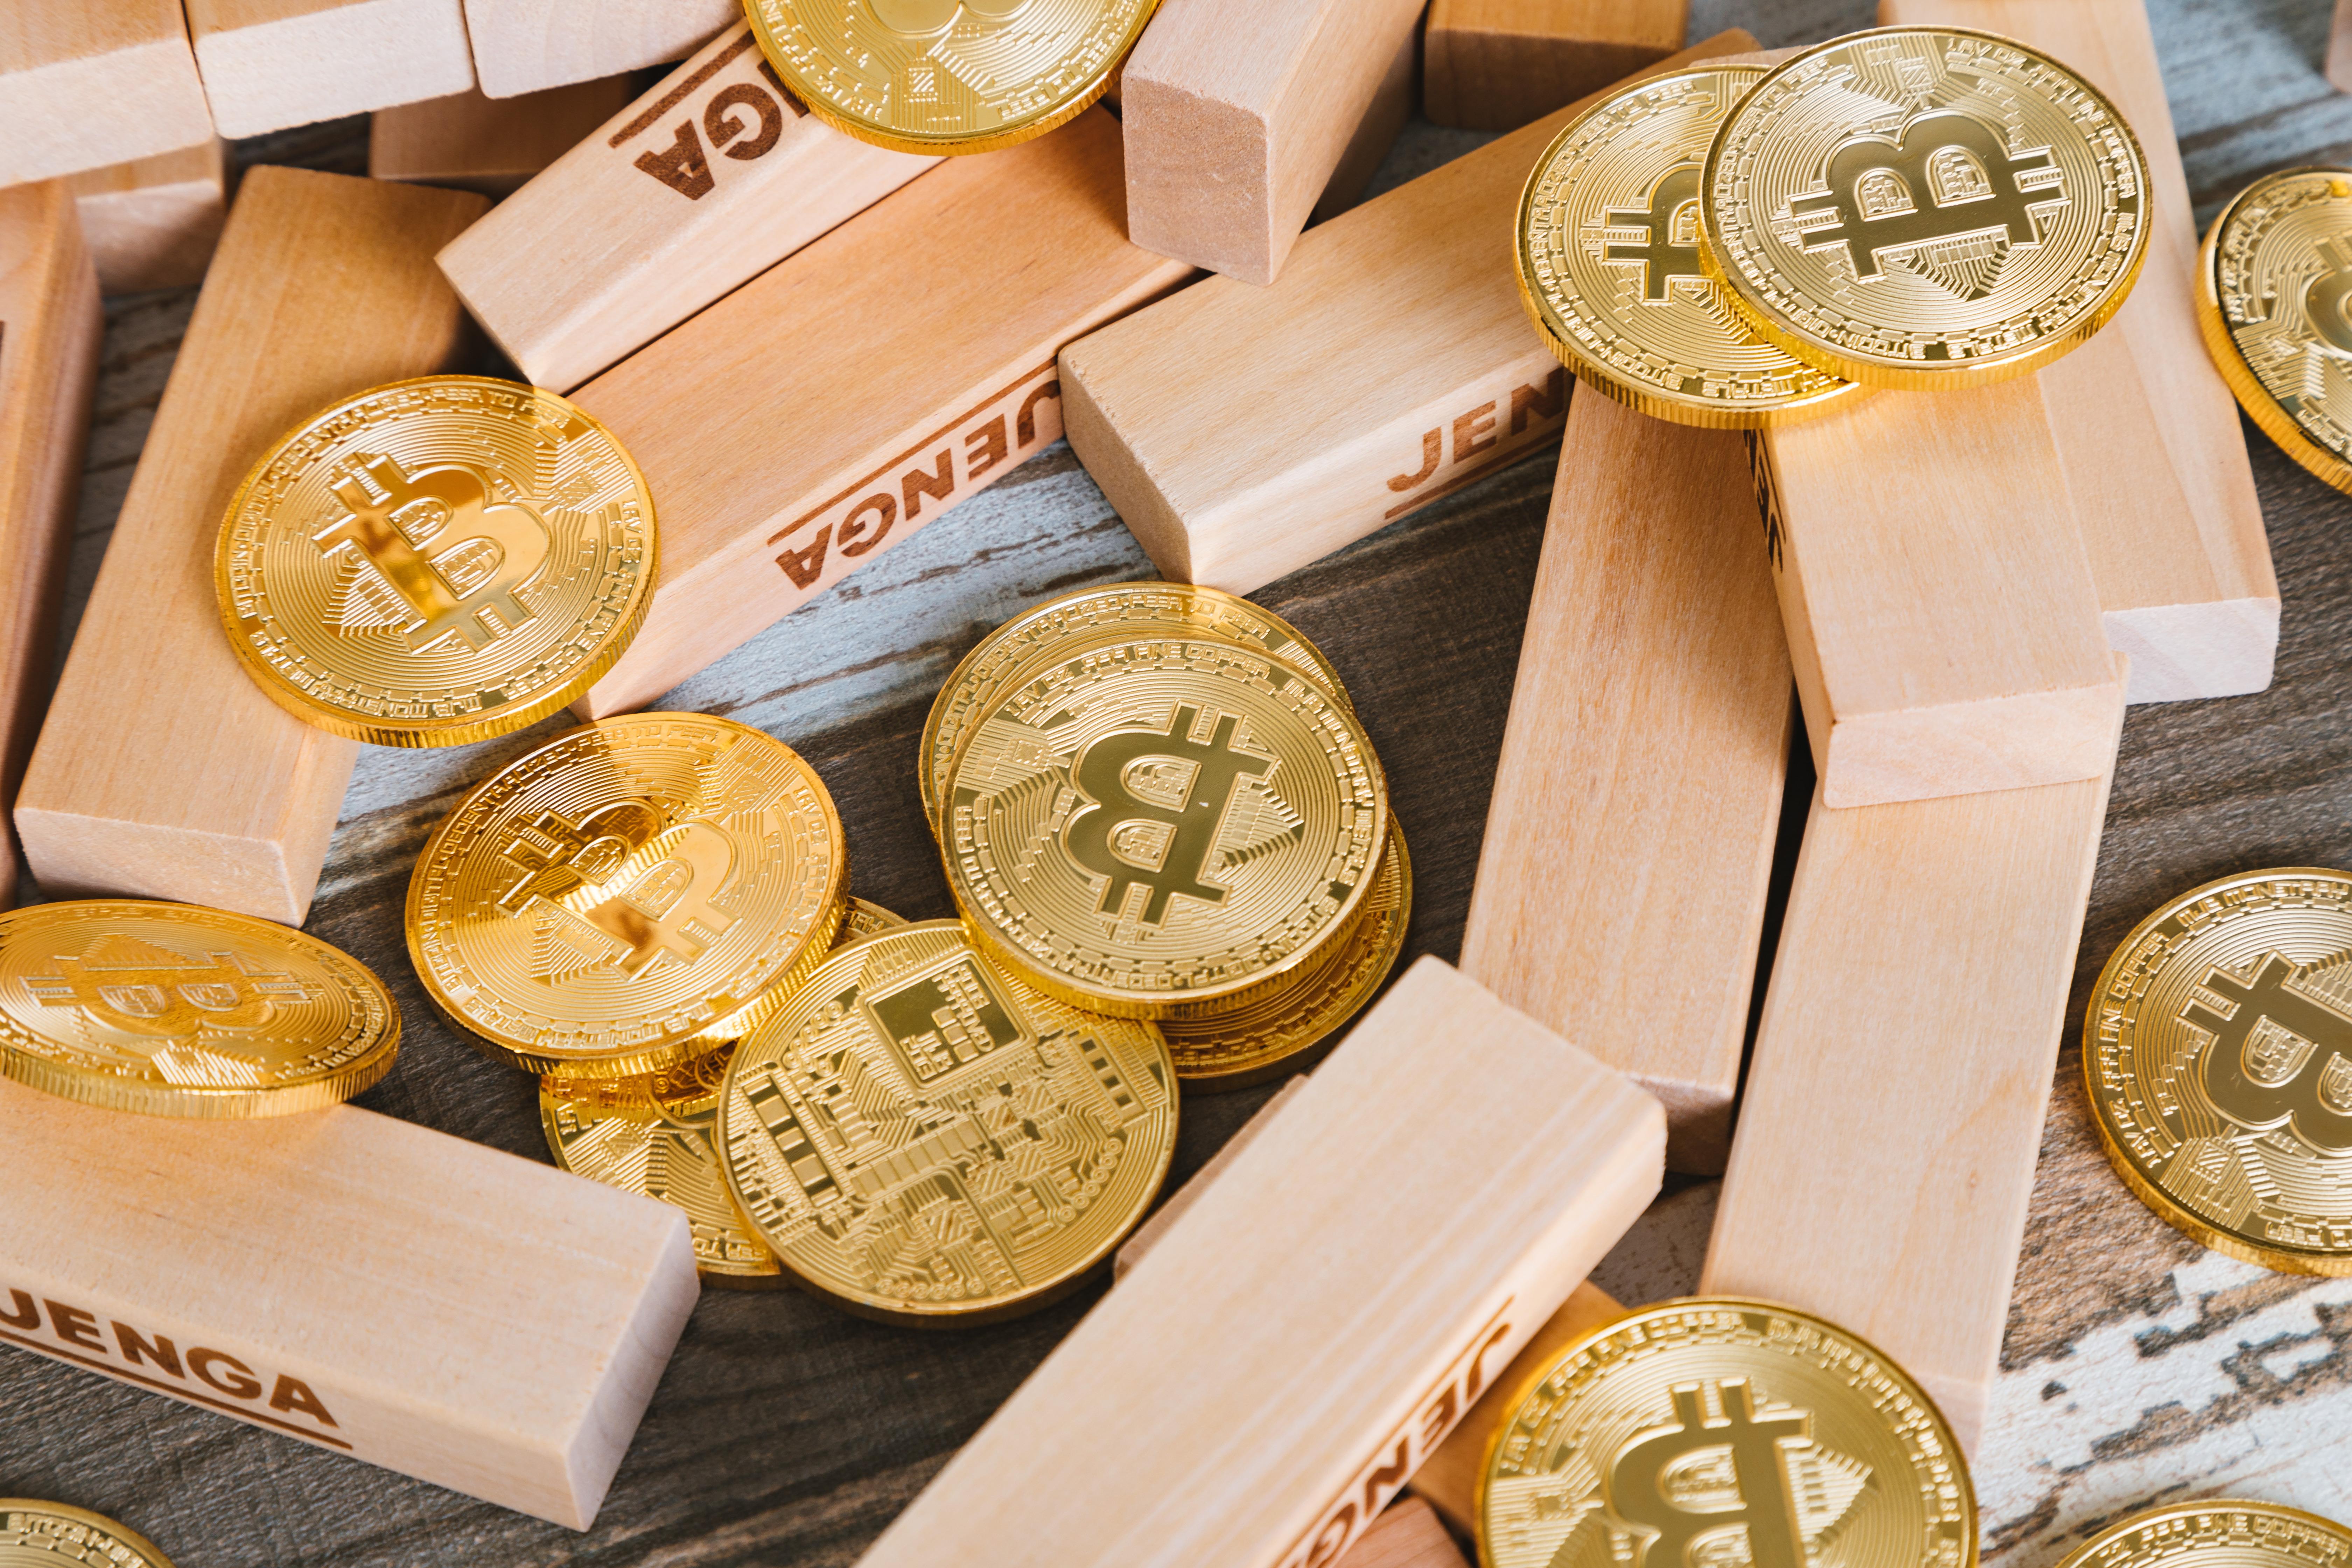 ingyenes bitcoin készpénz)